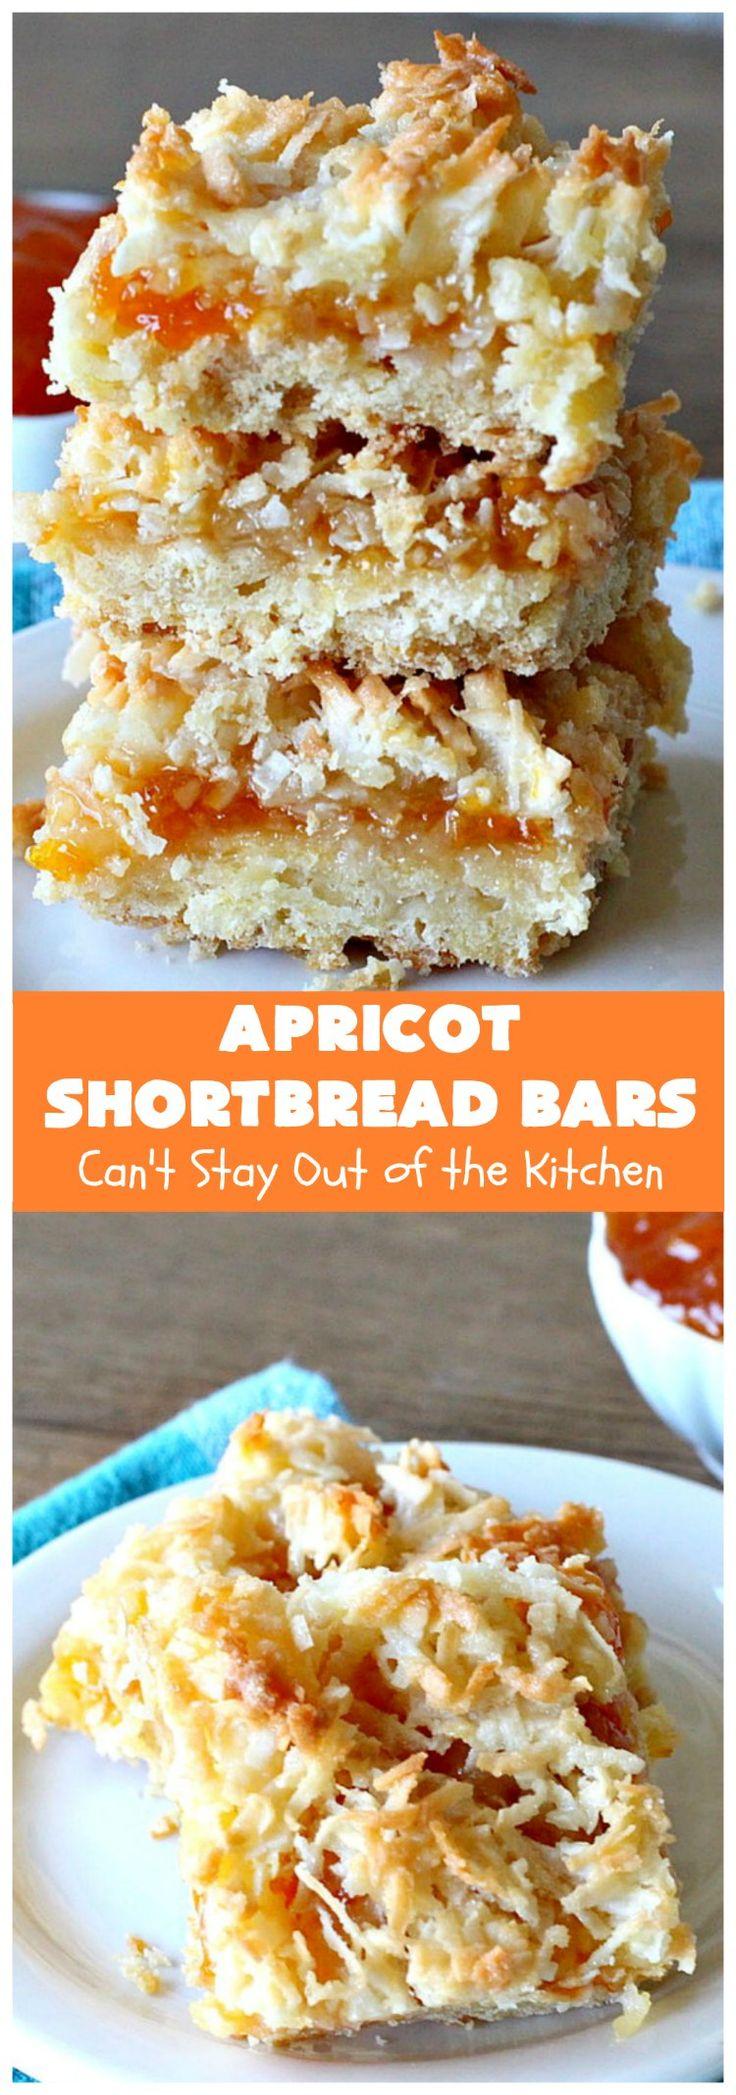 Apricot shortbread bars recipe in 2020 shortbread bars